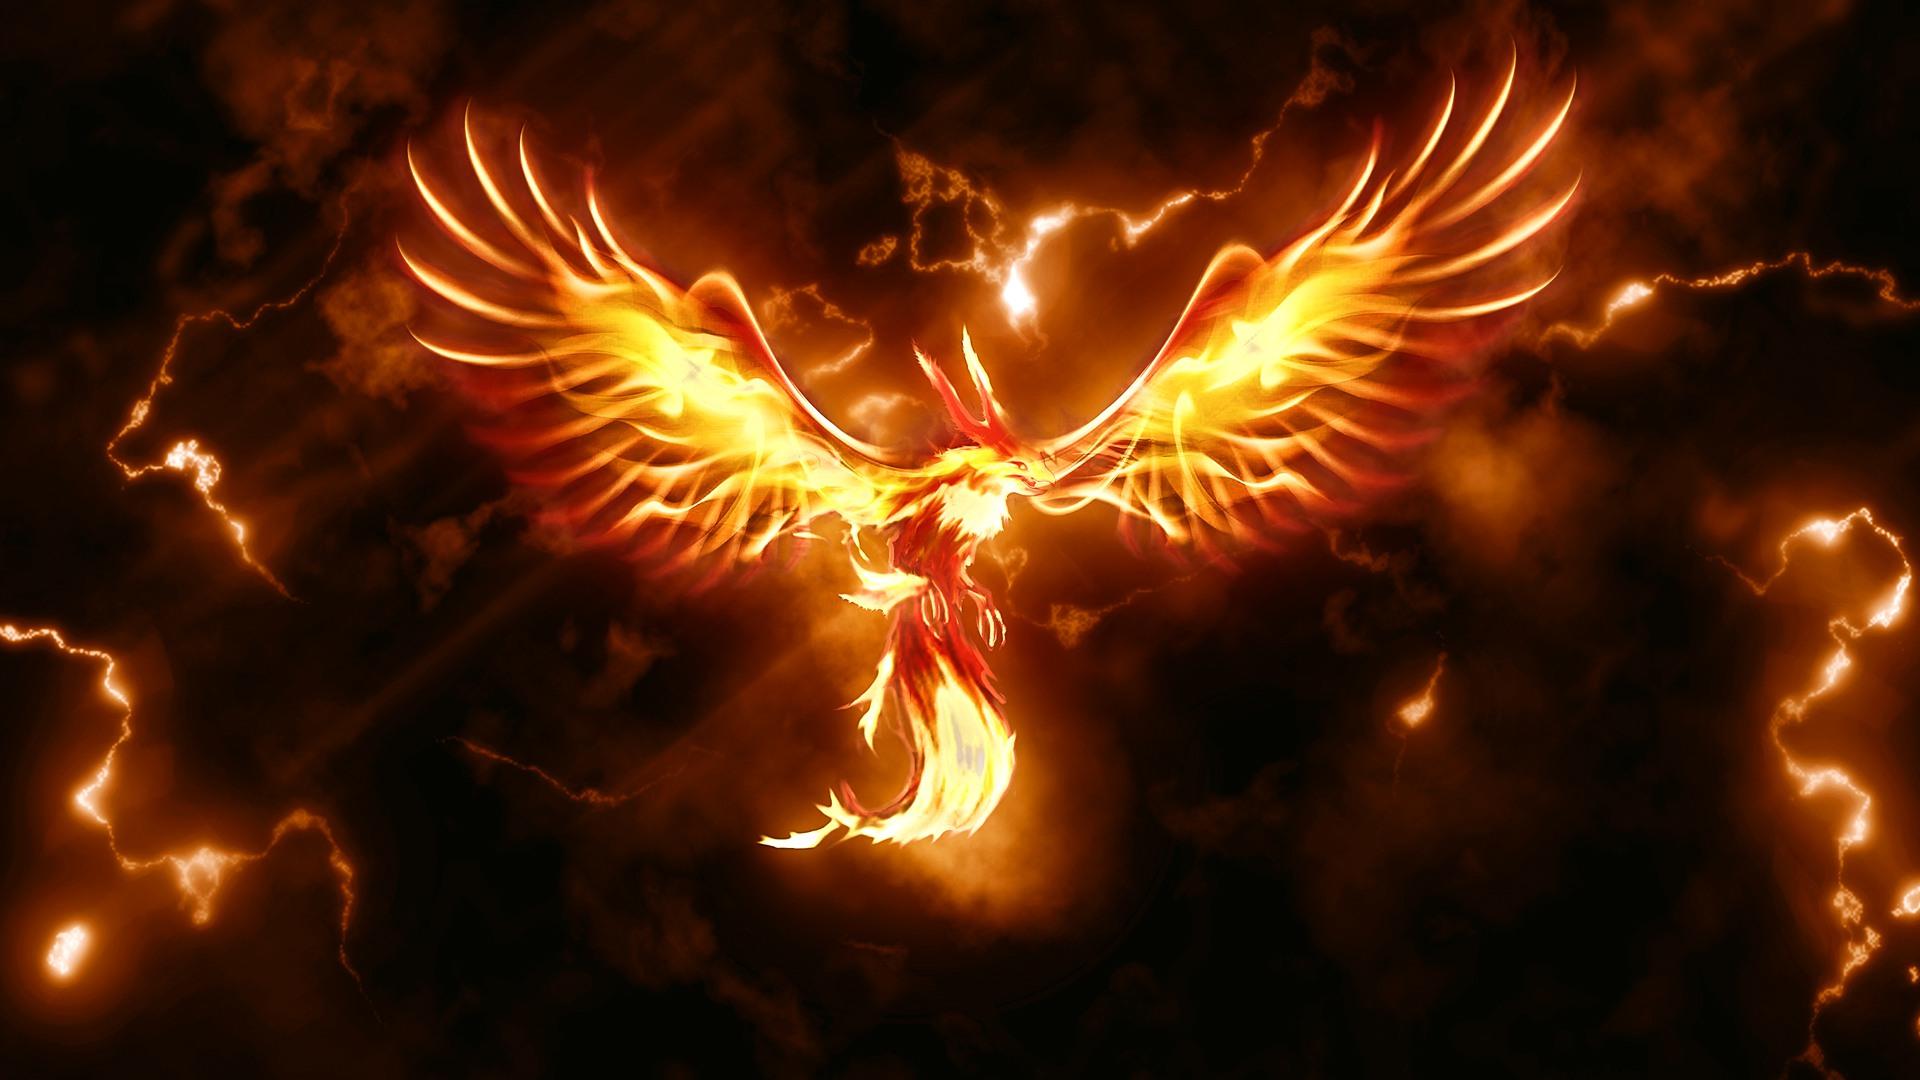 аппарат для картинки для рабочего стола огненный феникс имею виду, конечно